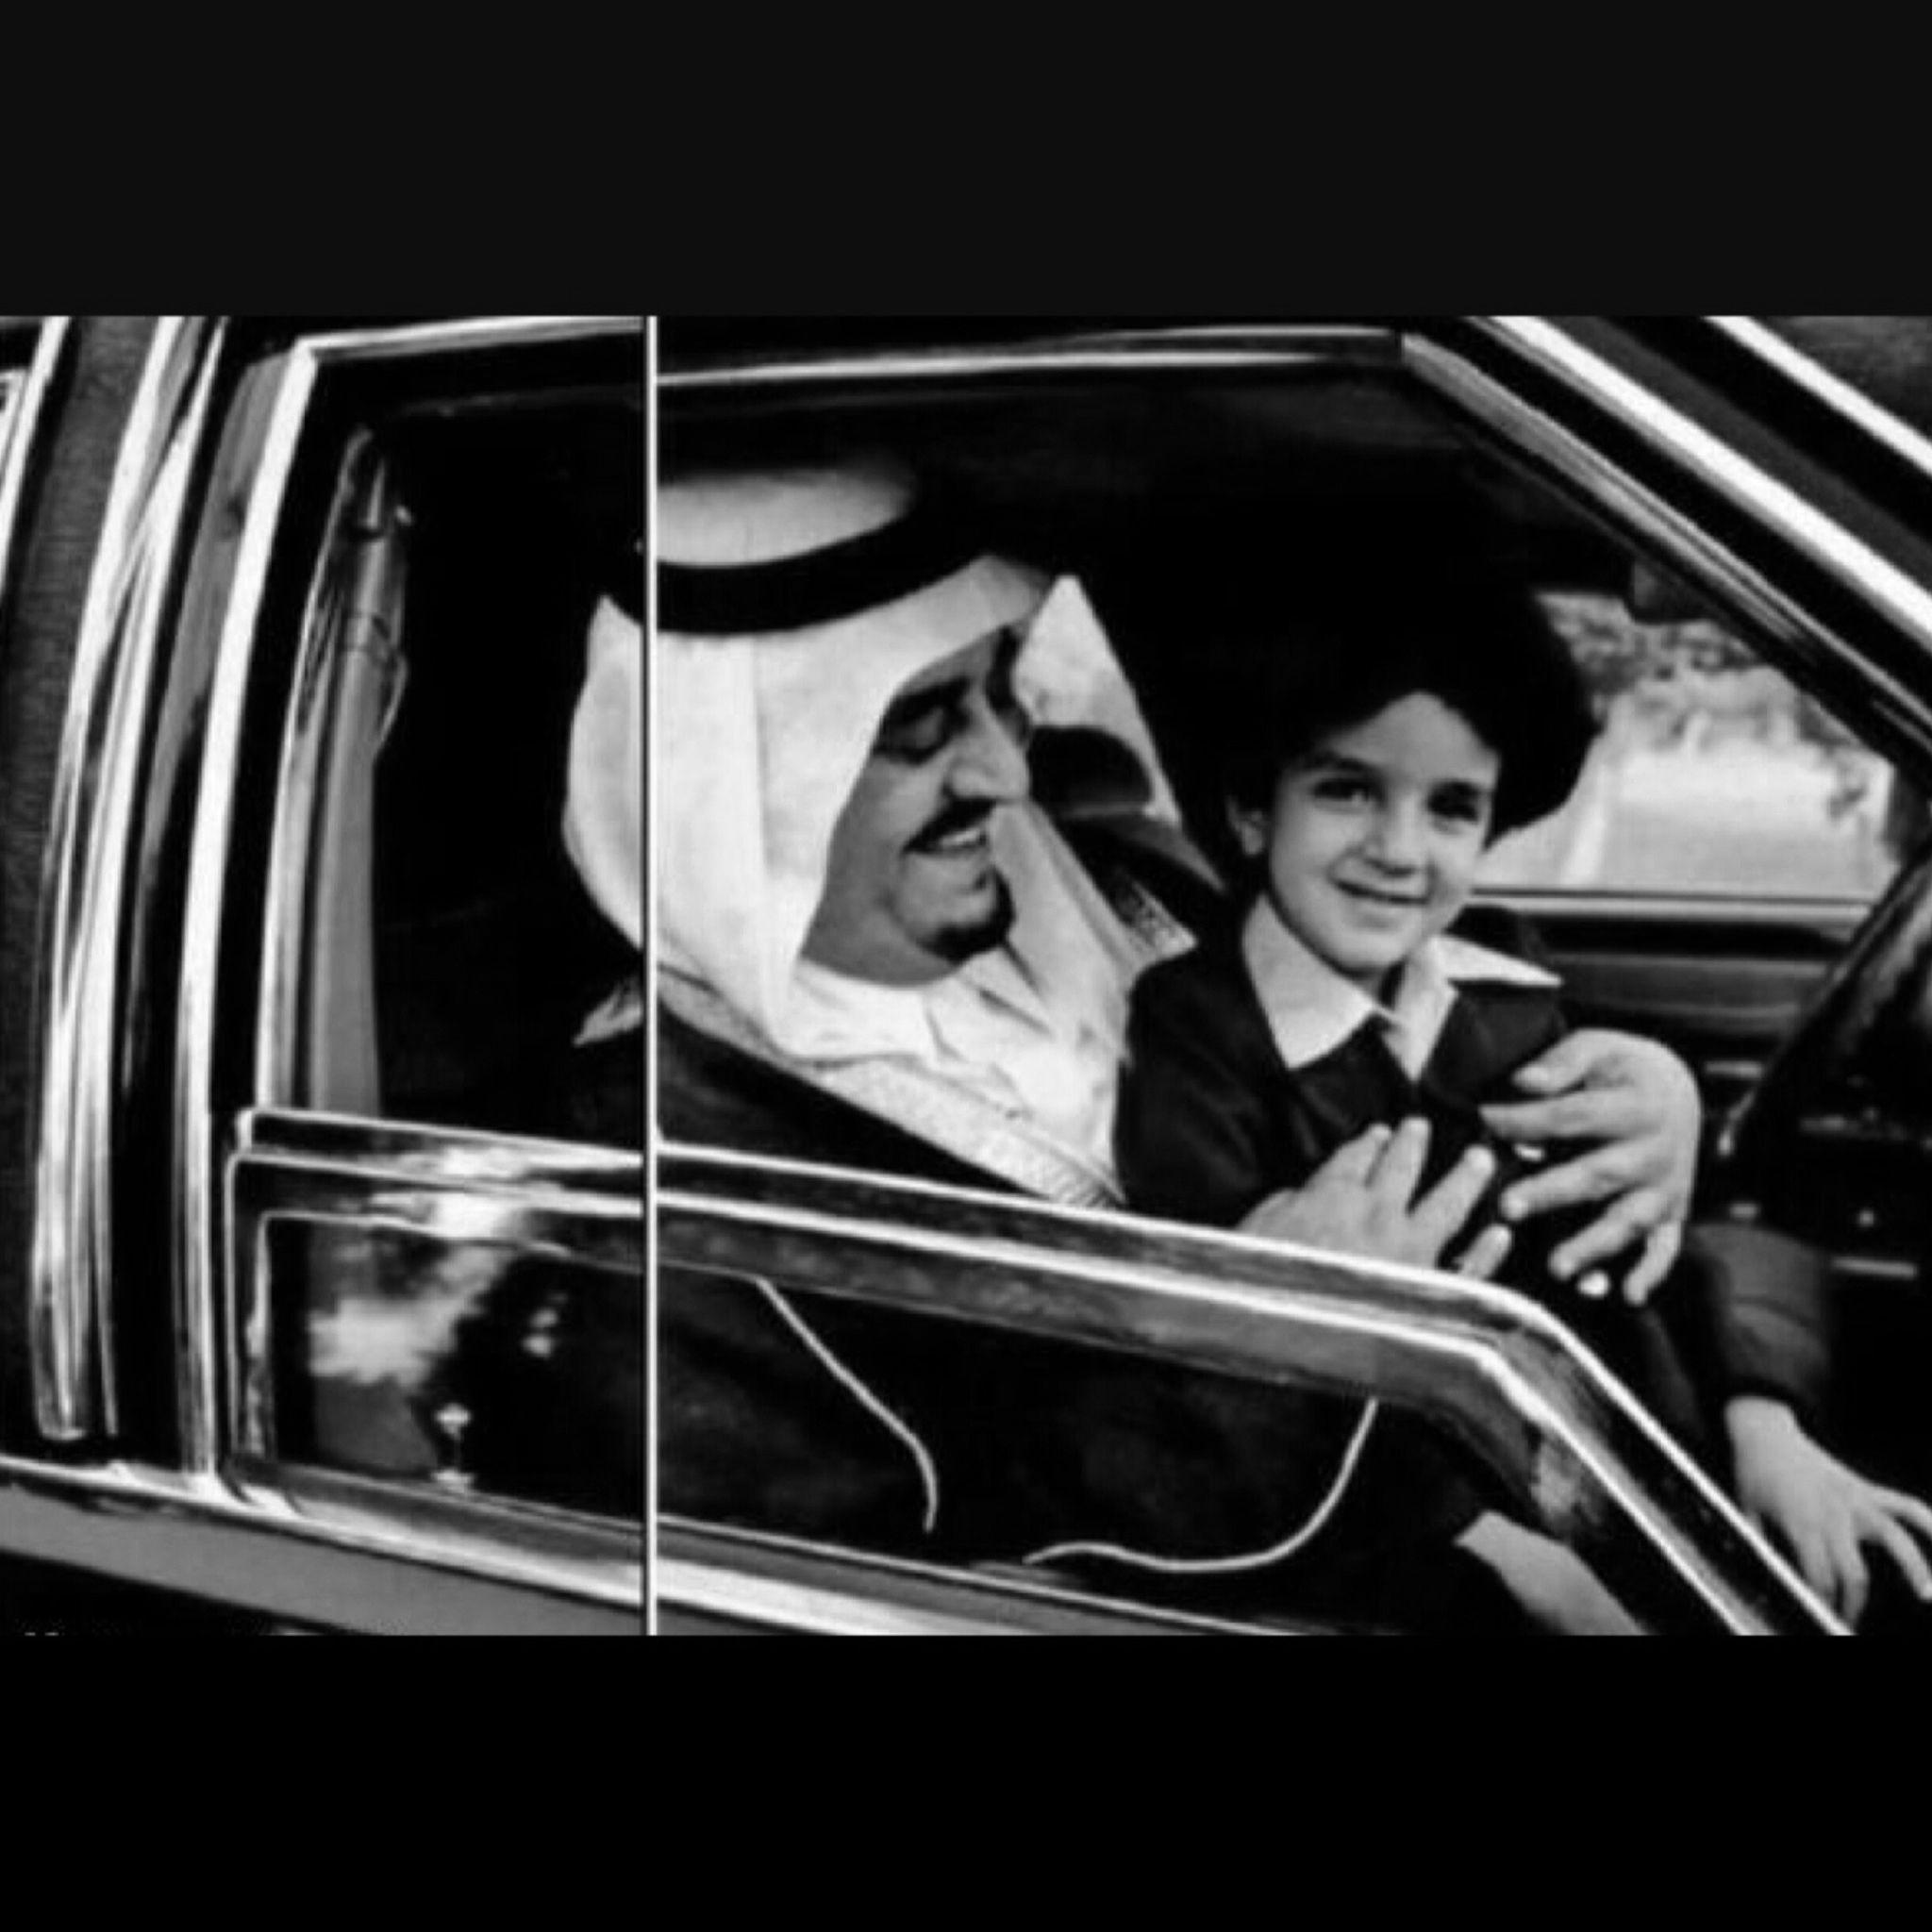 صورة للملك فهد بن عبدالعزيز في أوائل الثمانينات مع إبنه عبدالعزيز بن فهد King Fahad Bin Abd Middle Eastern History Ksa Saudi Arabia Quran Quotes Inspirational